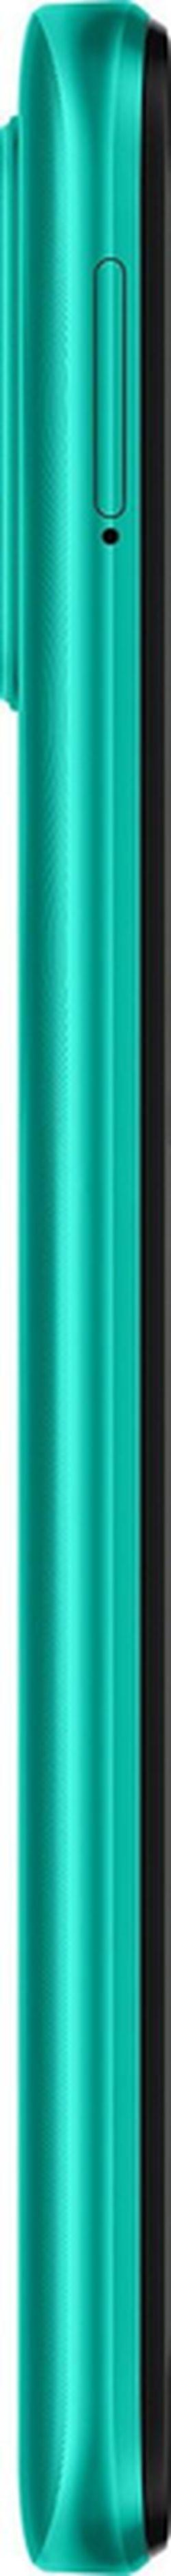 Мобильный телефон Xiaomi Redmi 9T 4Gb/64Gb Ocean Green